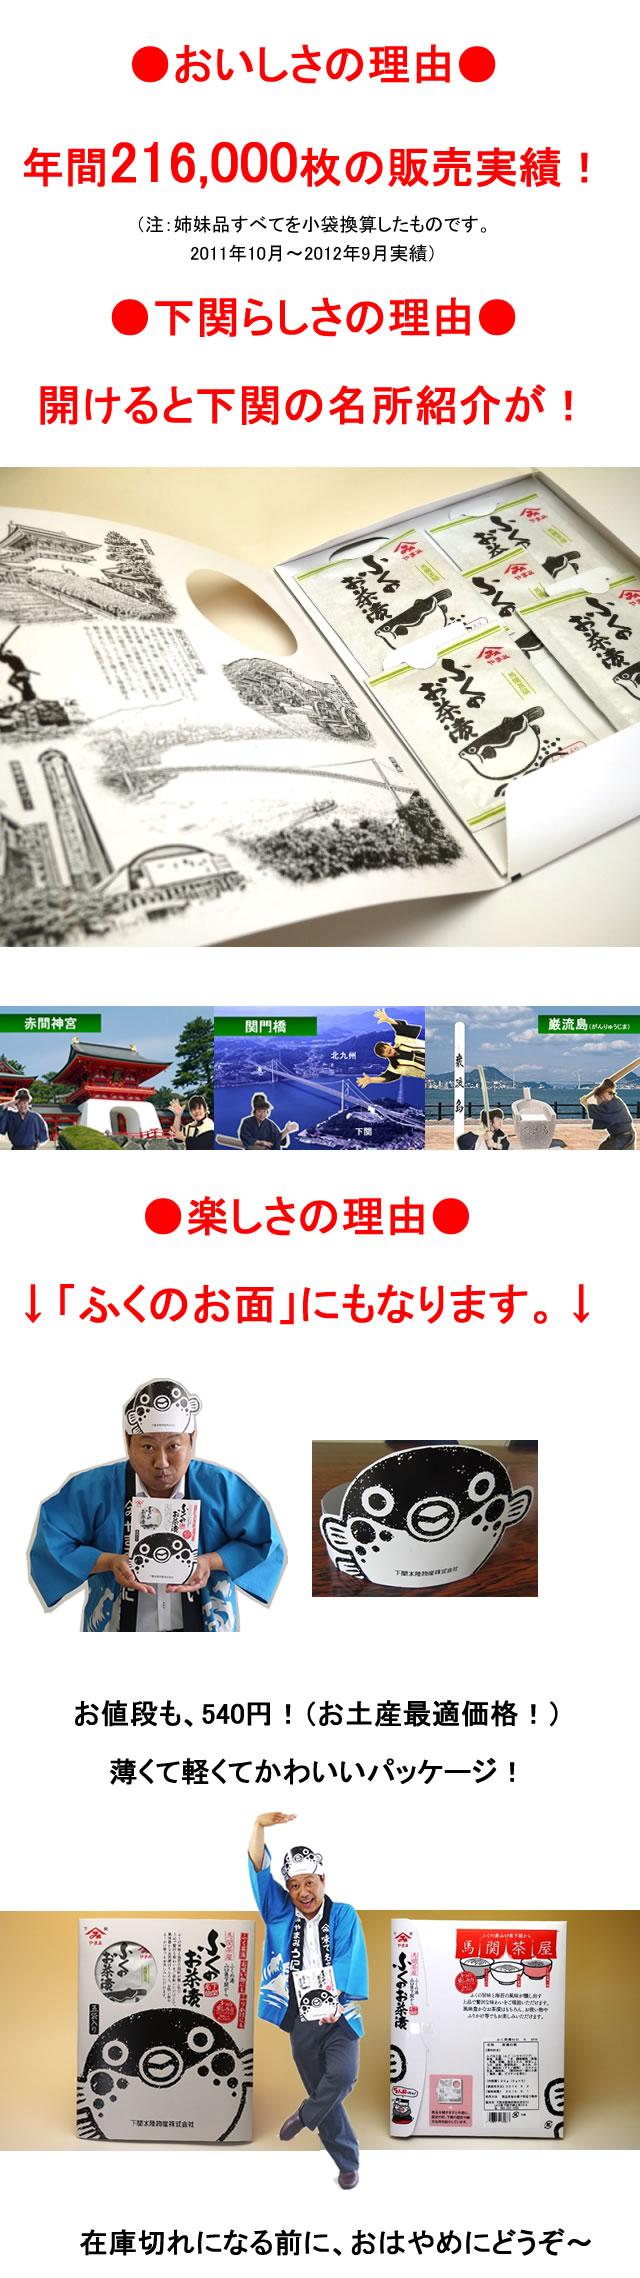 ふく茶漬メイン紹介文2